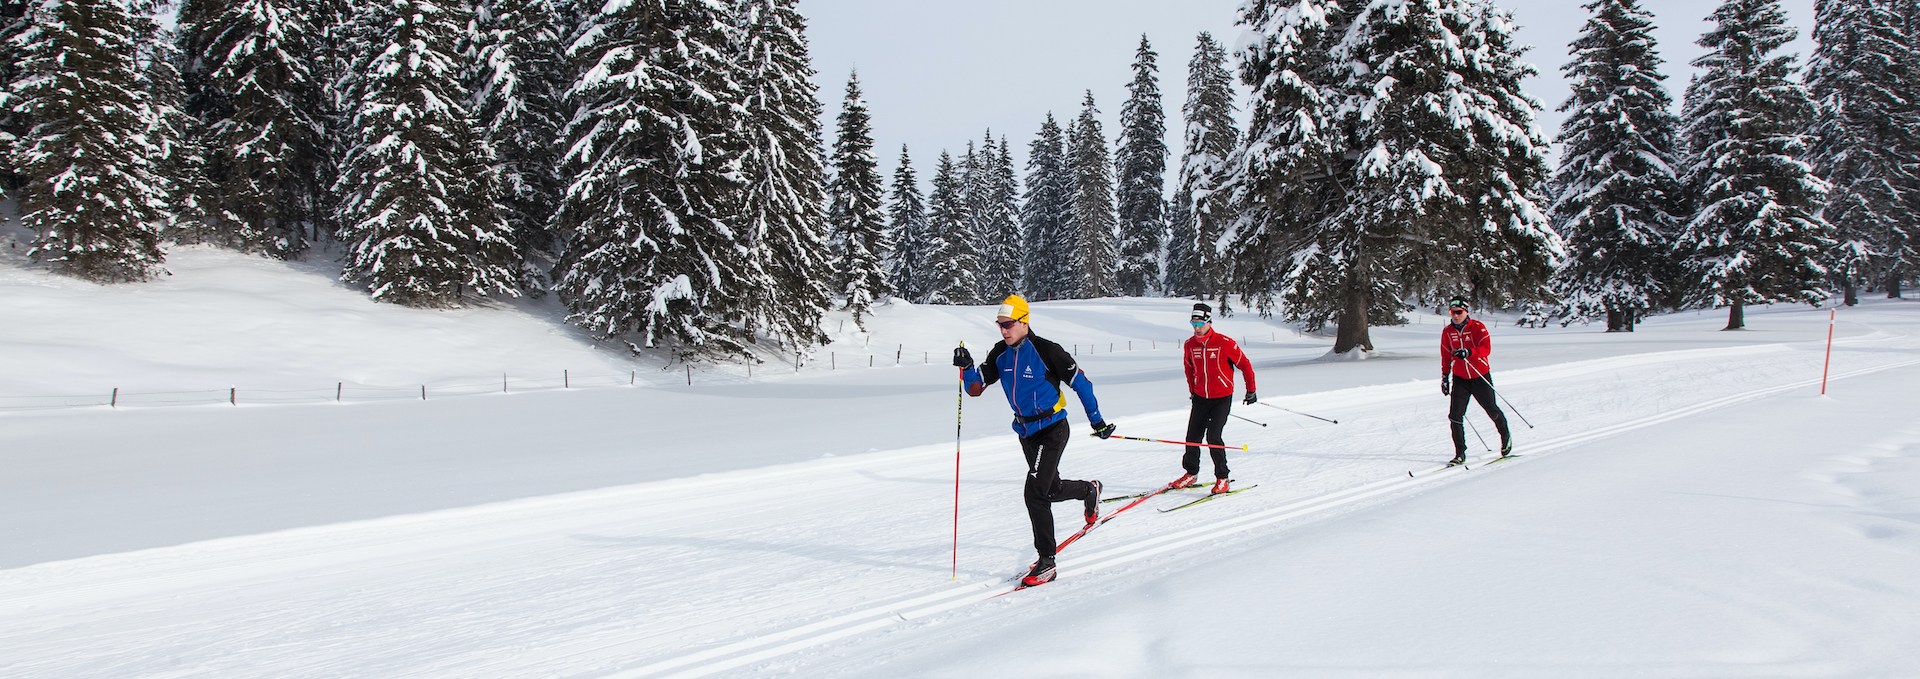 Ski de fond dans les Montagnes neuchâteloises / ©Tourisme neuchâtelois - Guillaume Perret